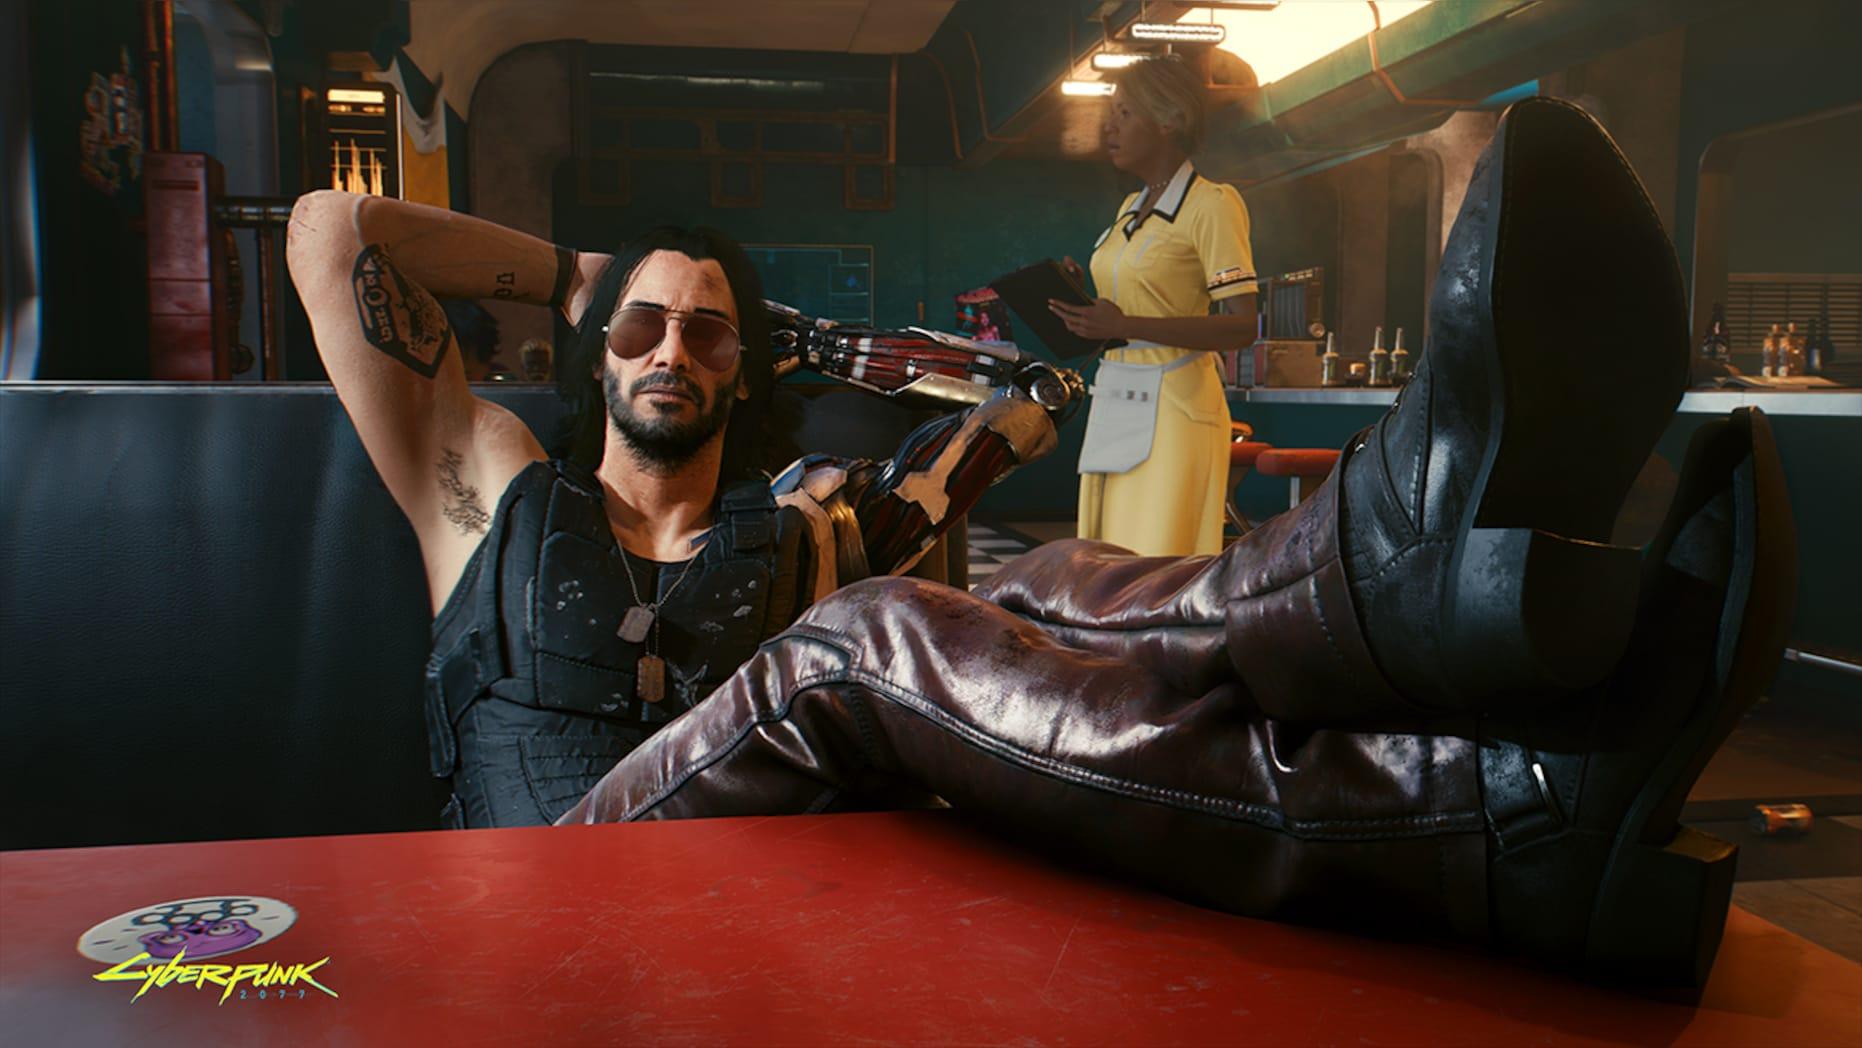 Киану Ривз играет главную роль в новой видеоигре Cyberpunk 2077